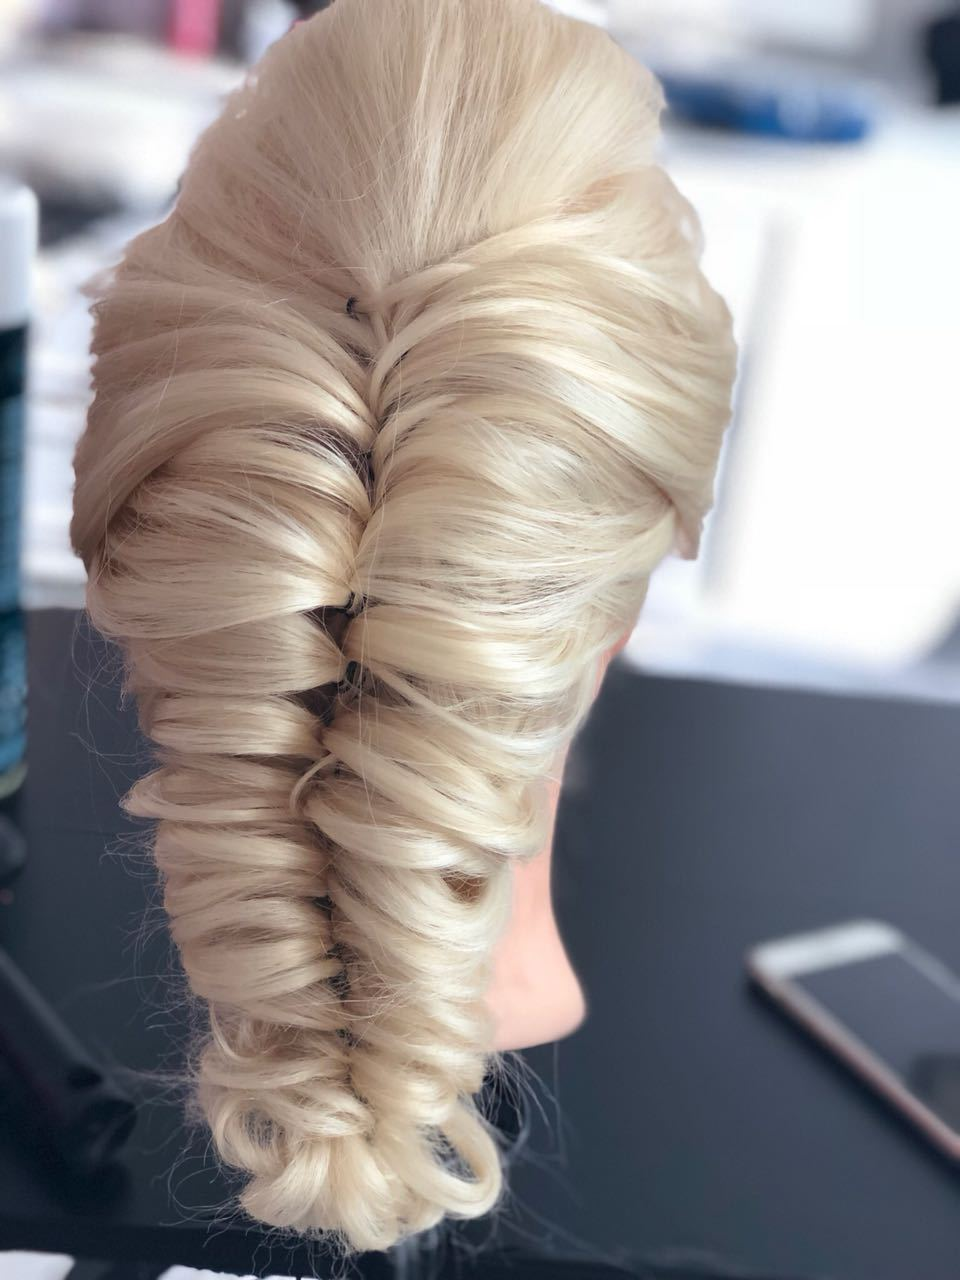 Penteado #trancaromana cabelo cabeleireiro(a) maquiador(a)